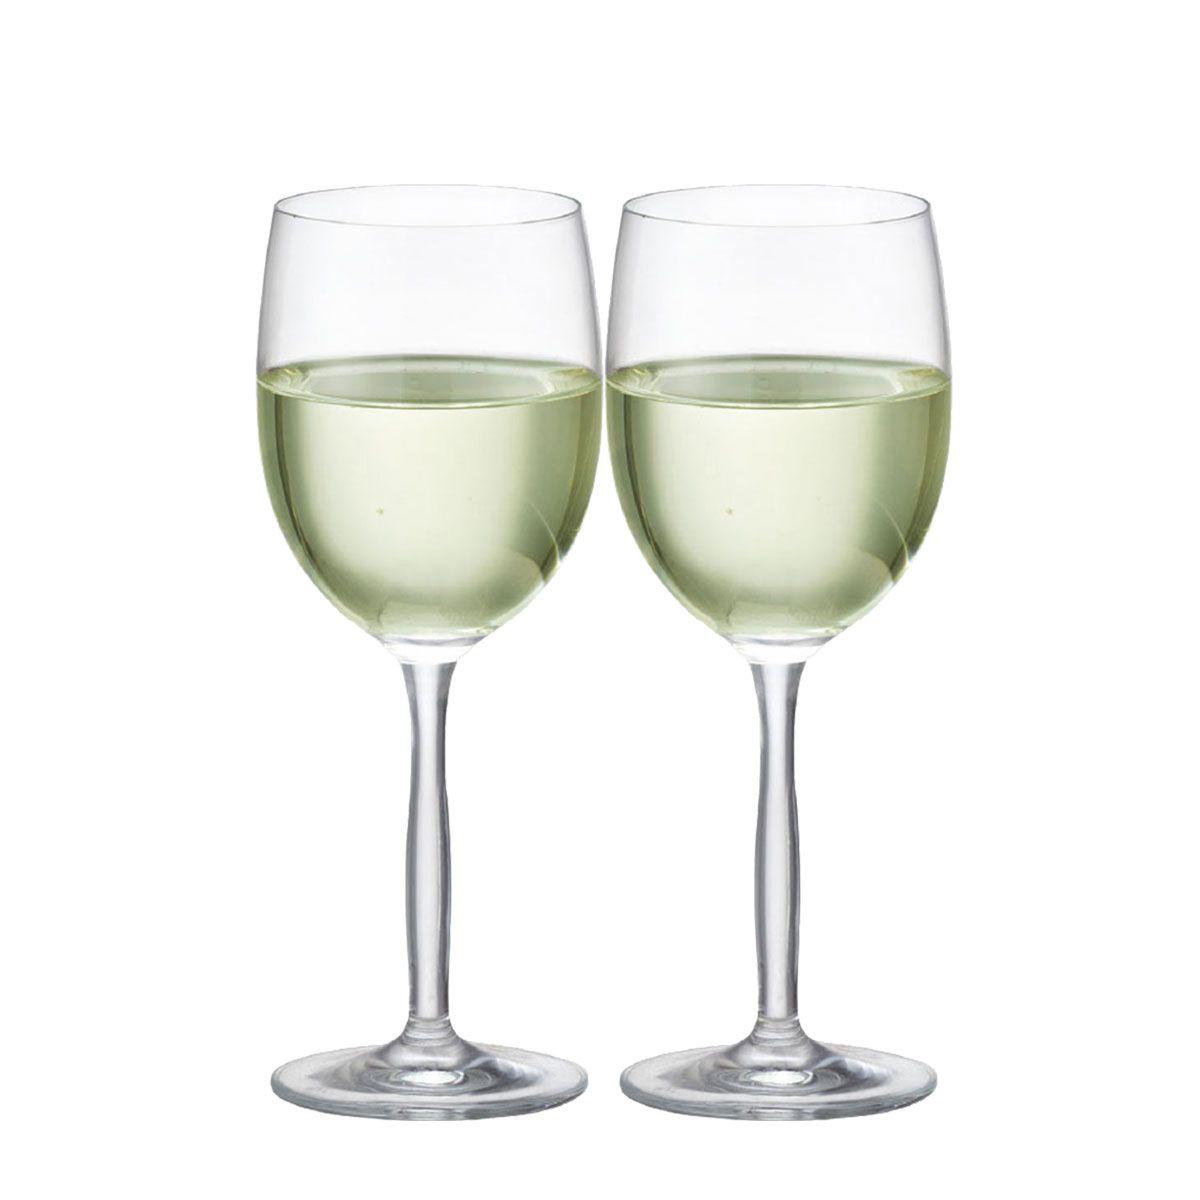 Taça Vinho - Branco Ritz De 335ml C/ 2 Unid